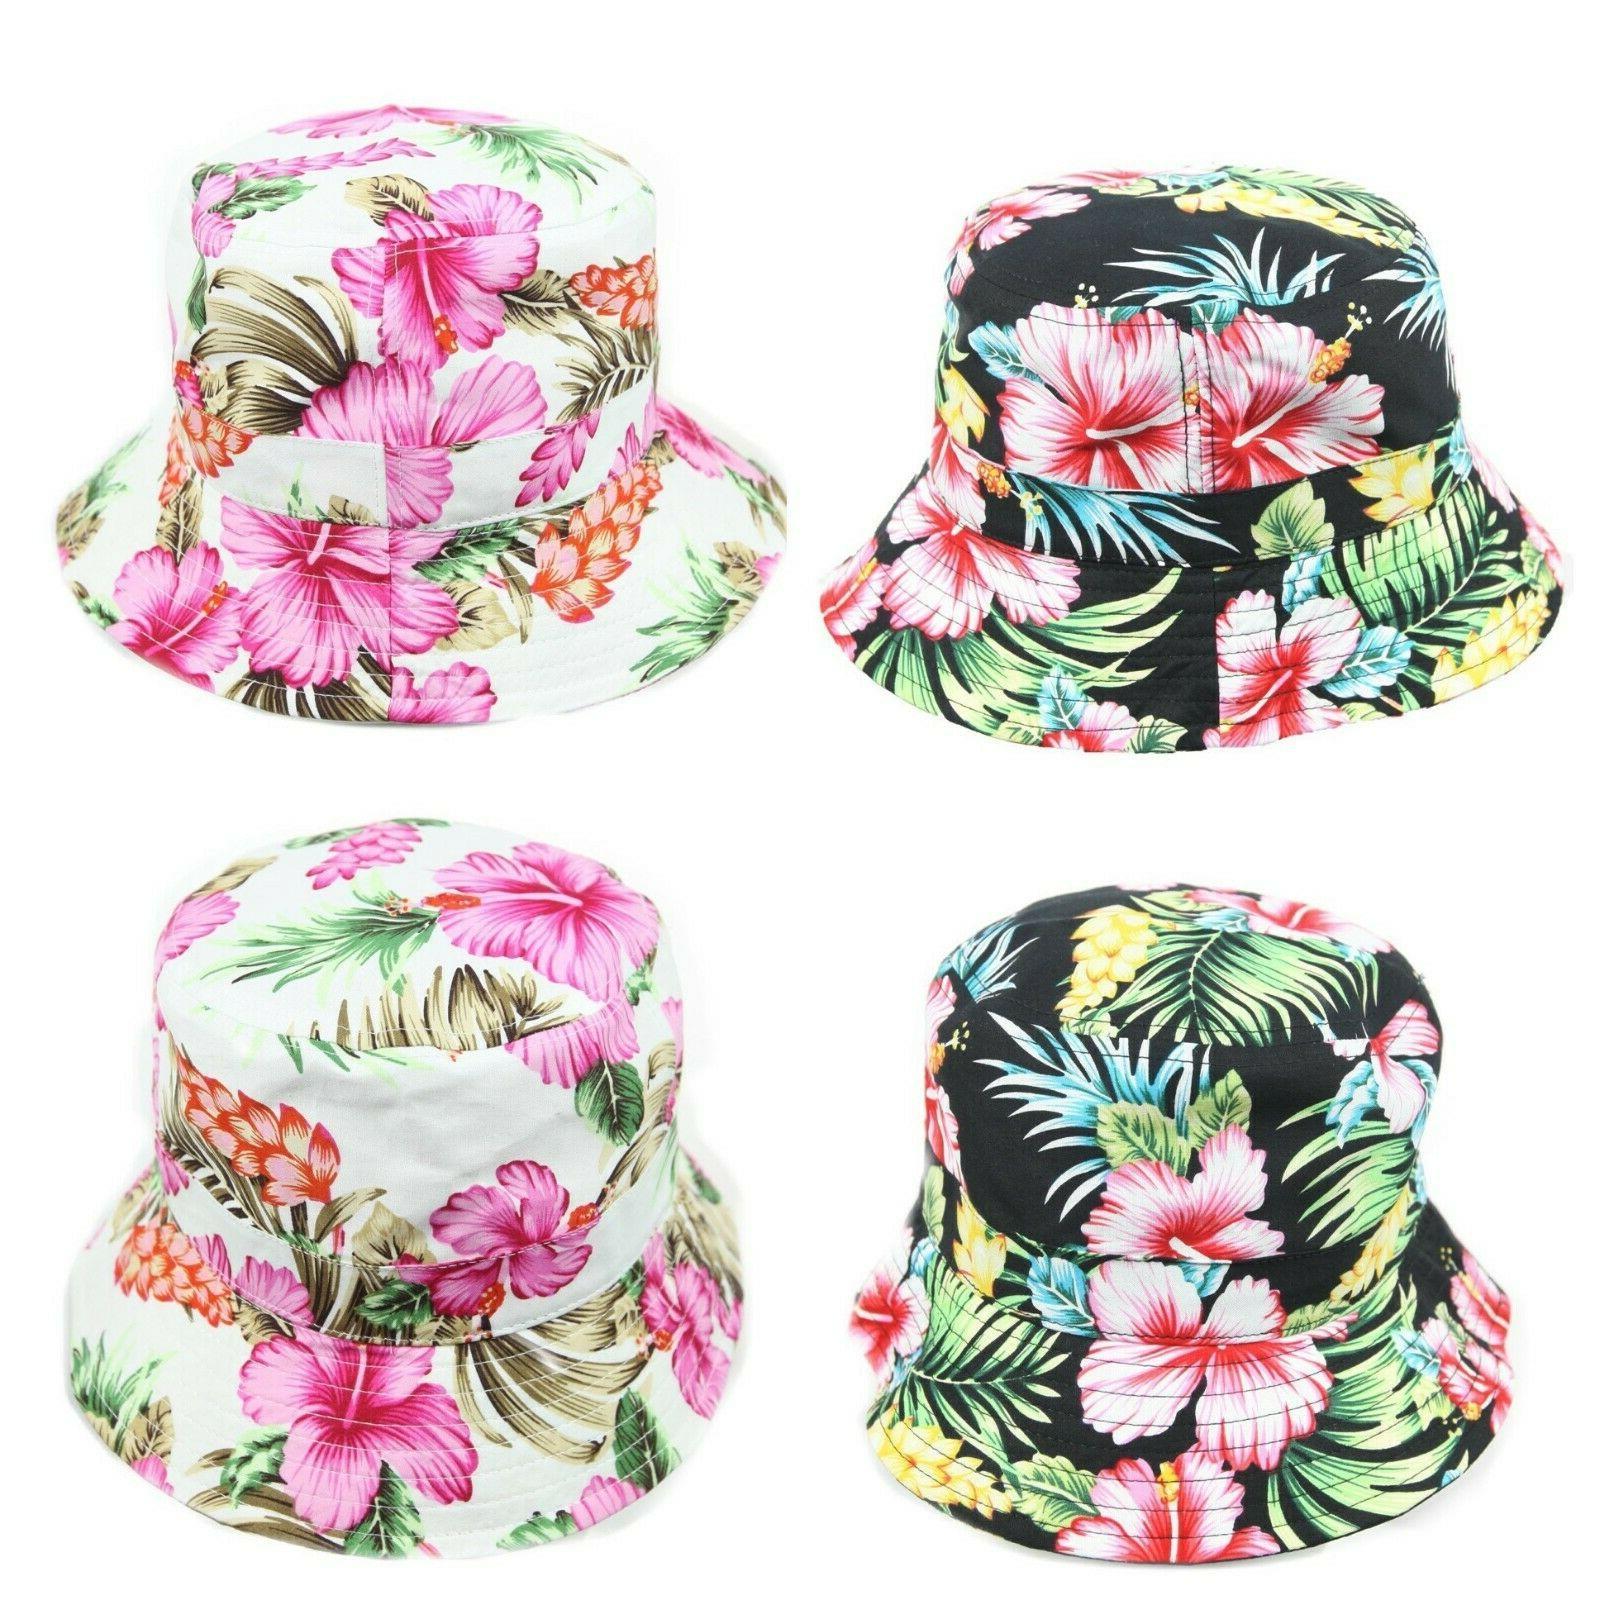 Hawaiian Hat Hats Fashion Caps Headwear Hip Hop Hiking